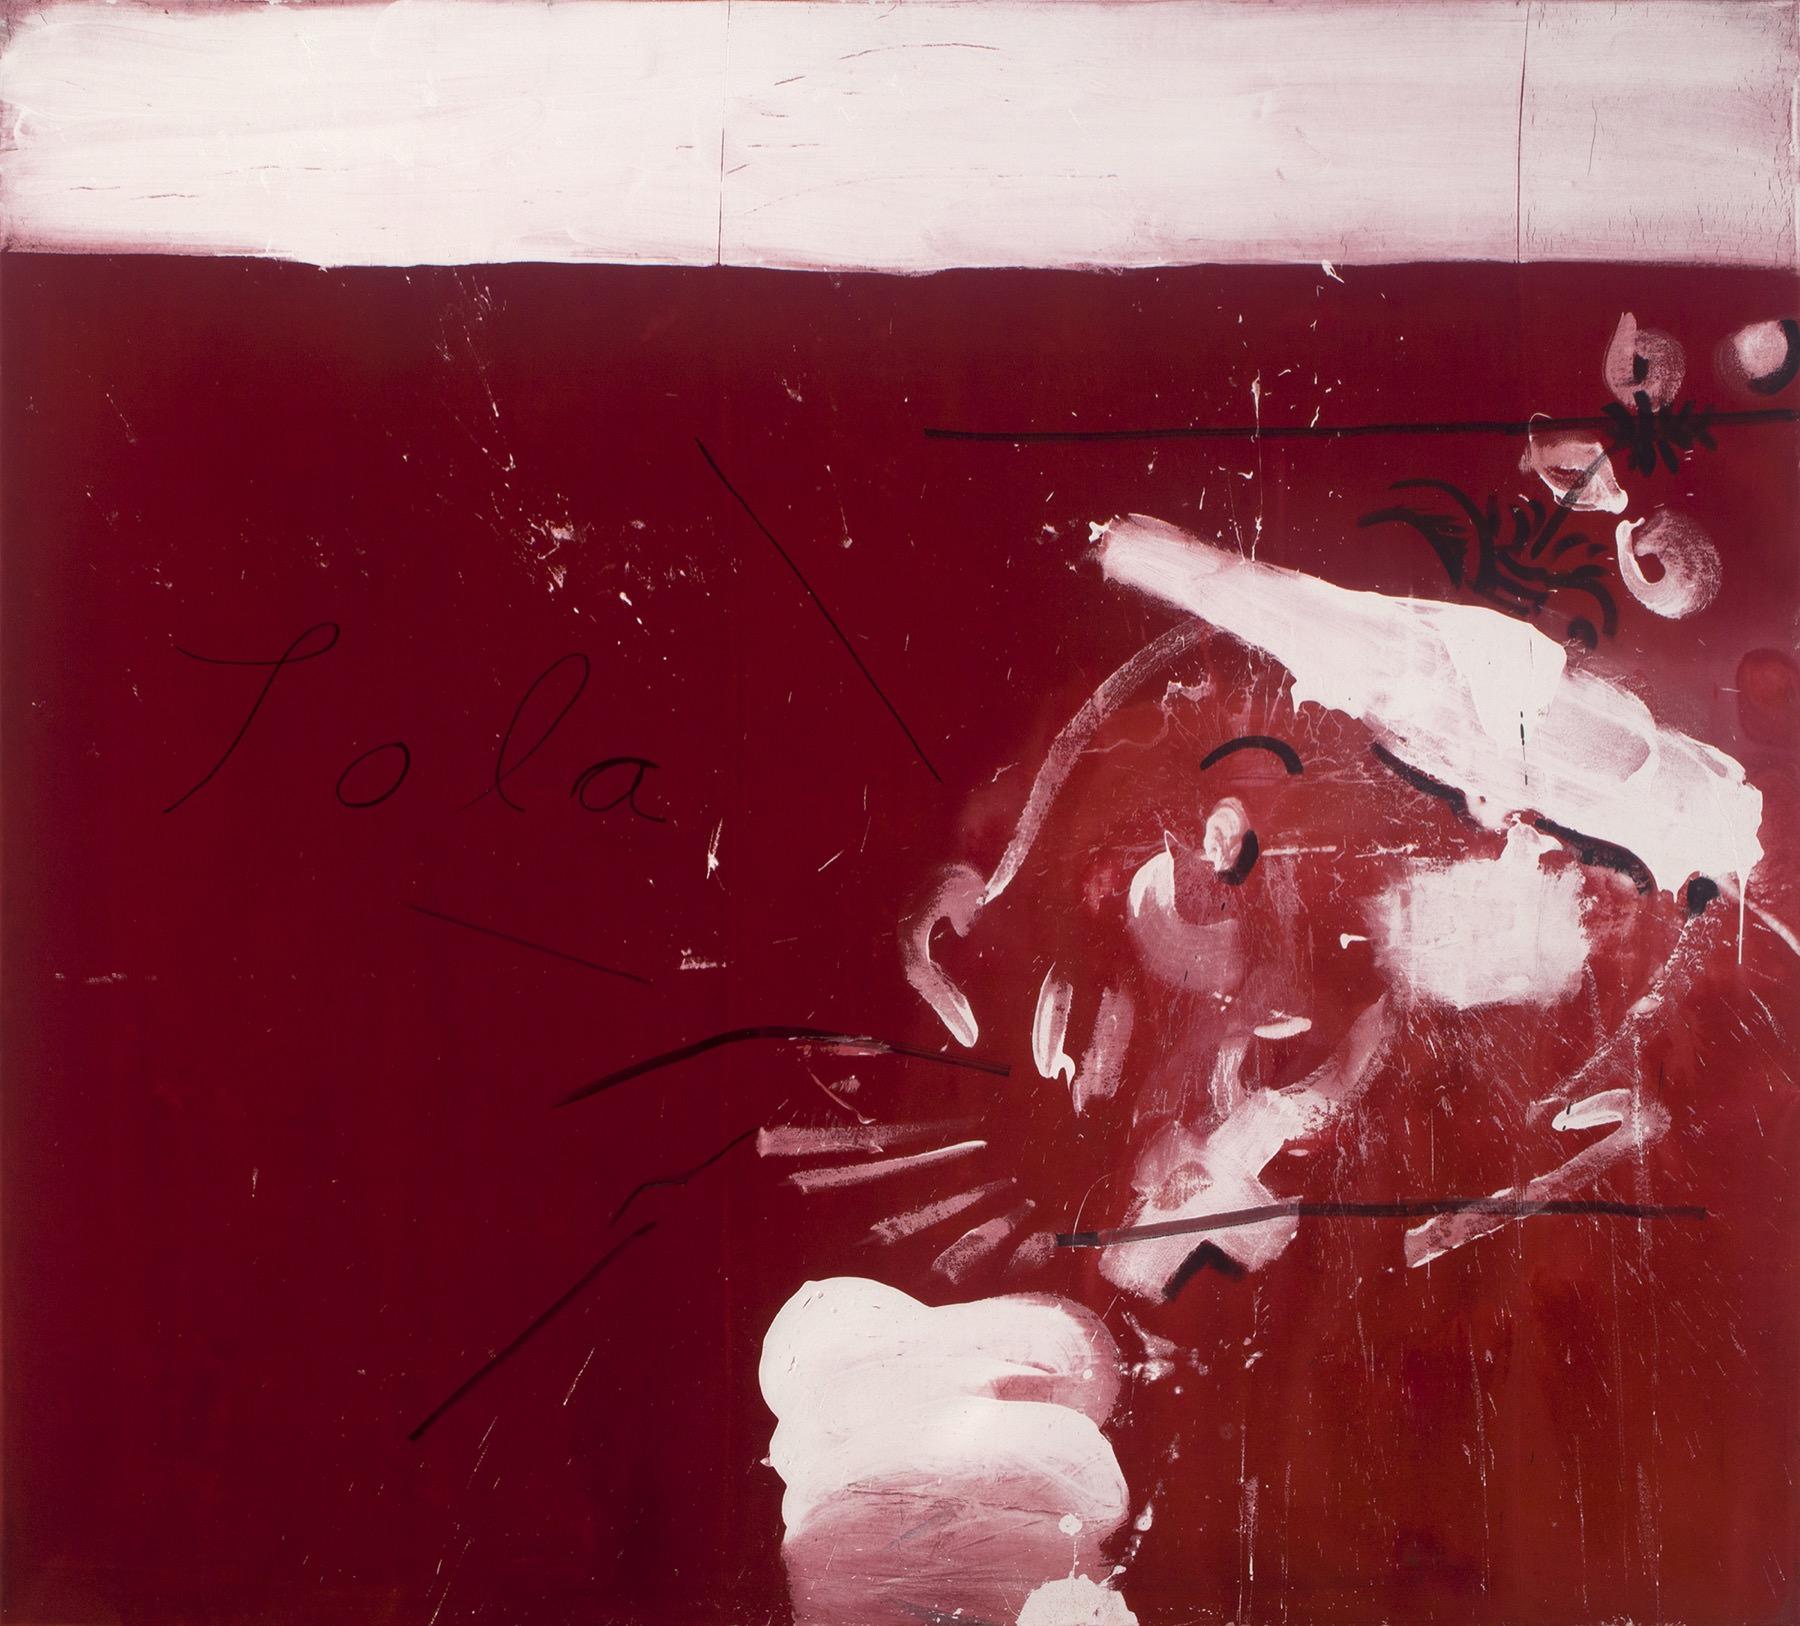 Still of Julian Schnabel, Lola, 1989